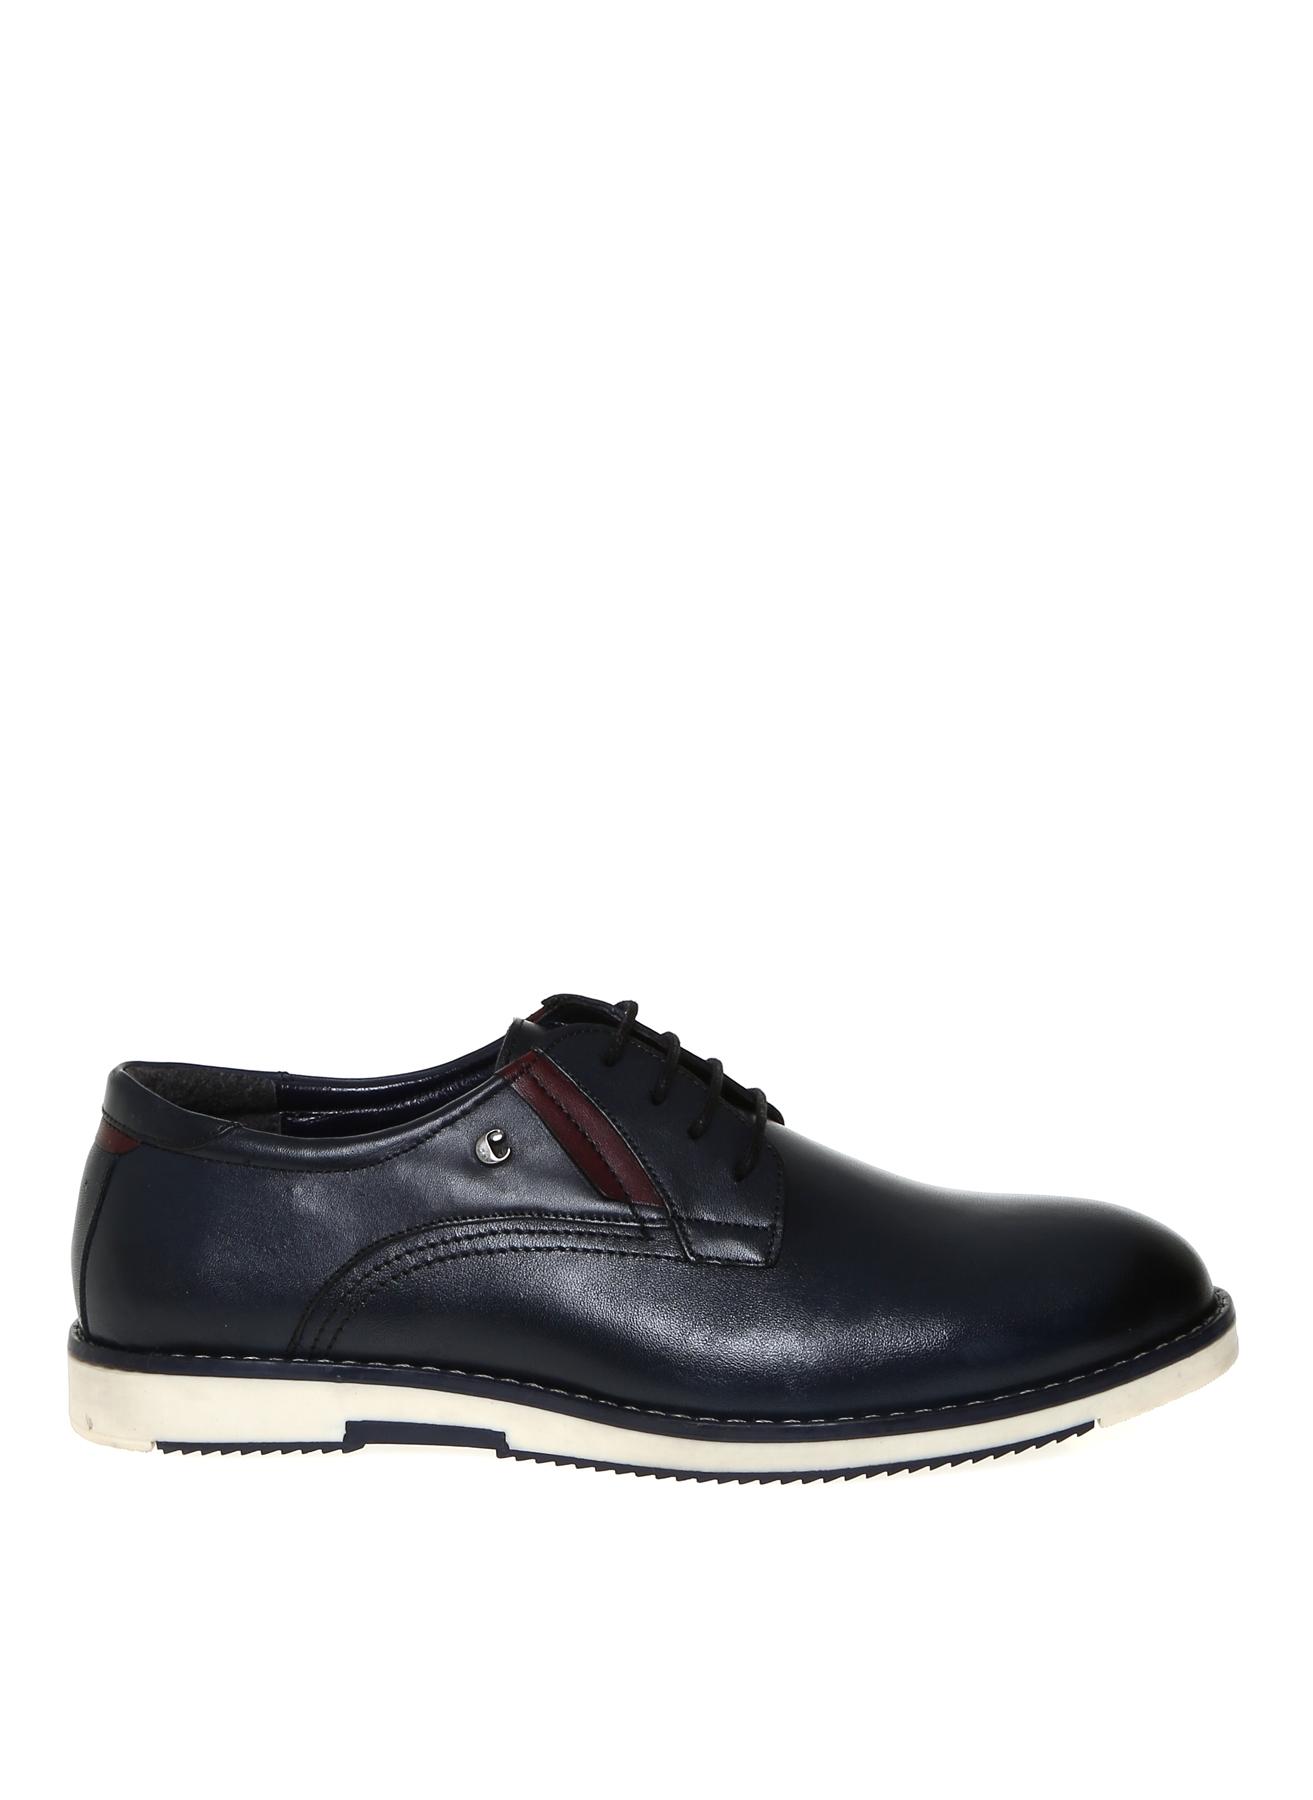 Cacharel Erkek Deri Lacivert Klasik Ayakkabı 41 5001911364002 Ürün Resmi